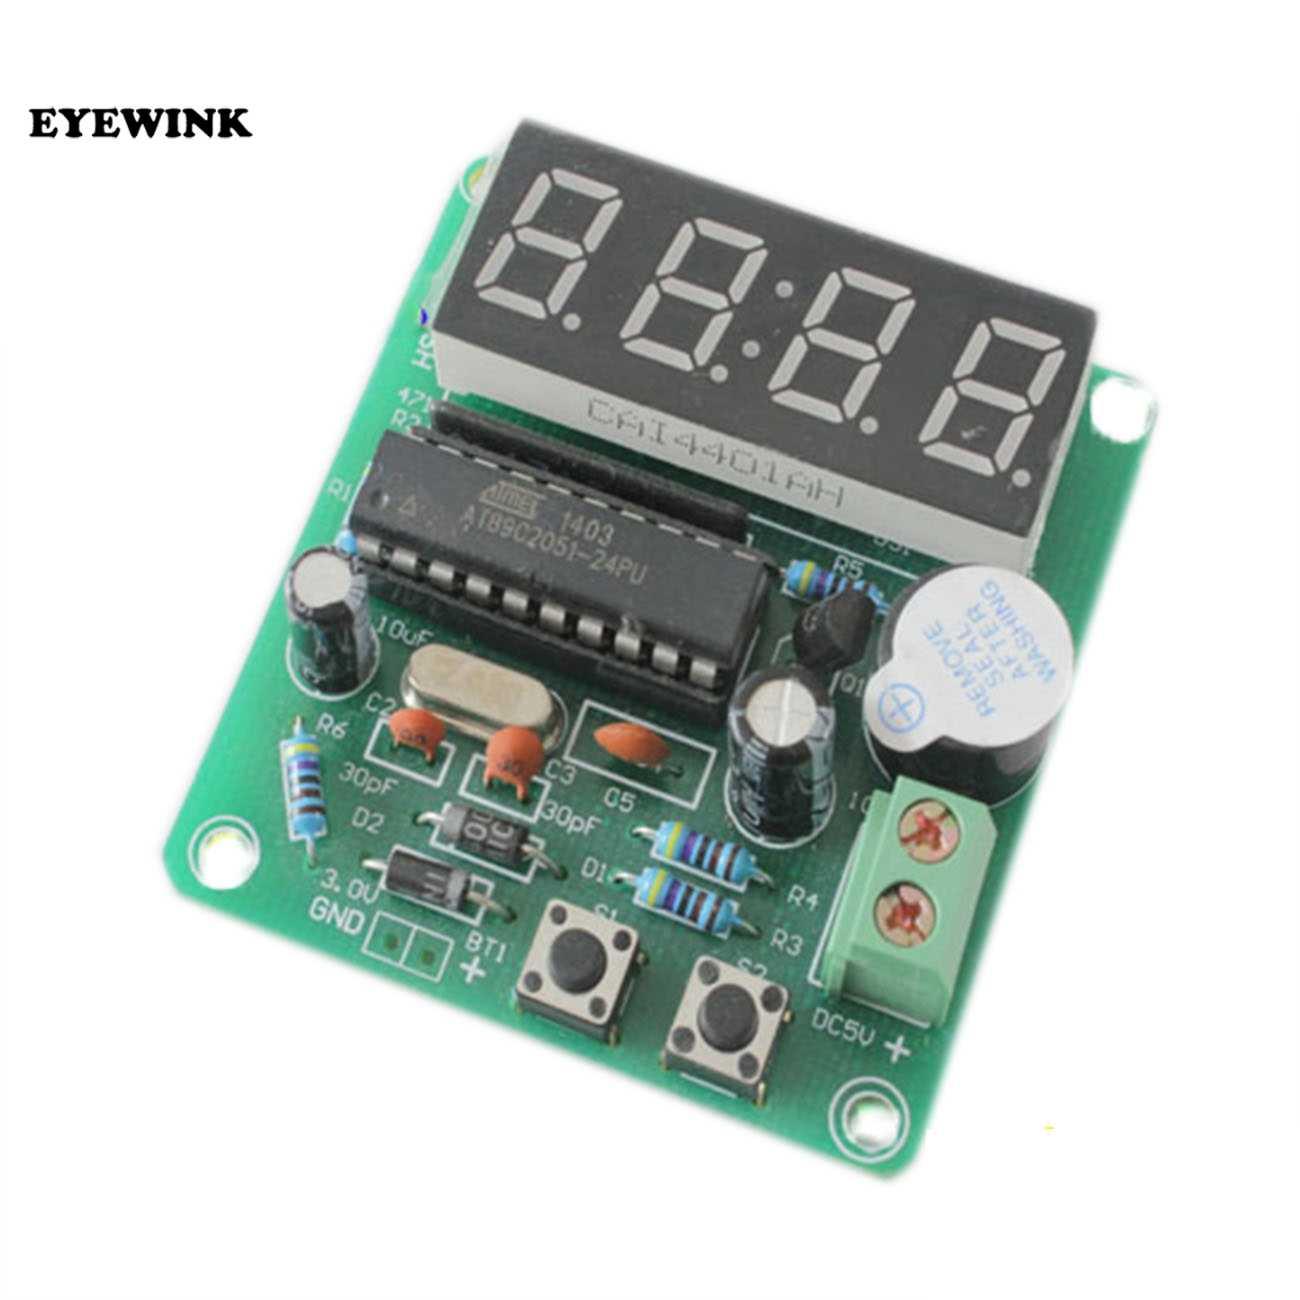 AT89C2051 Kỹ Thuật Số LED Hiển Thị 4 Bits Điện Tử Đồng Hồ Điện Tử Sản Xuất Bộ TỰ LÀM Kit 0.56 Inch Màu Đỏ Hai Báo Động